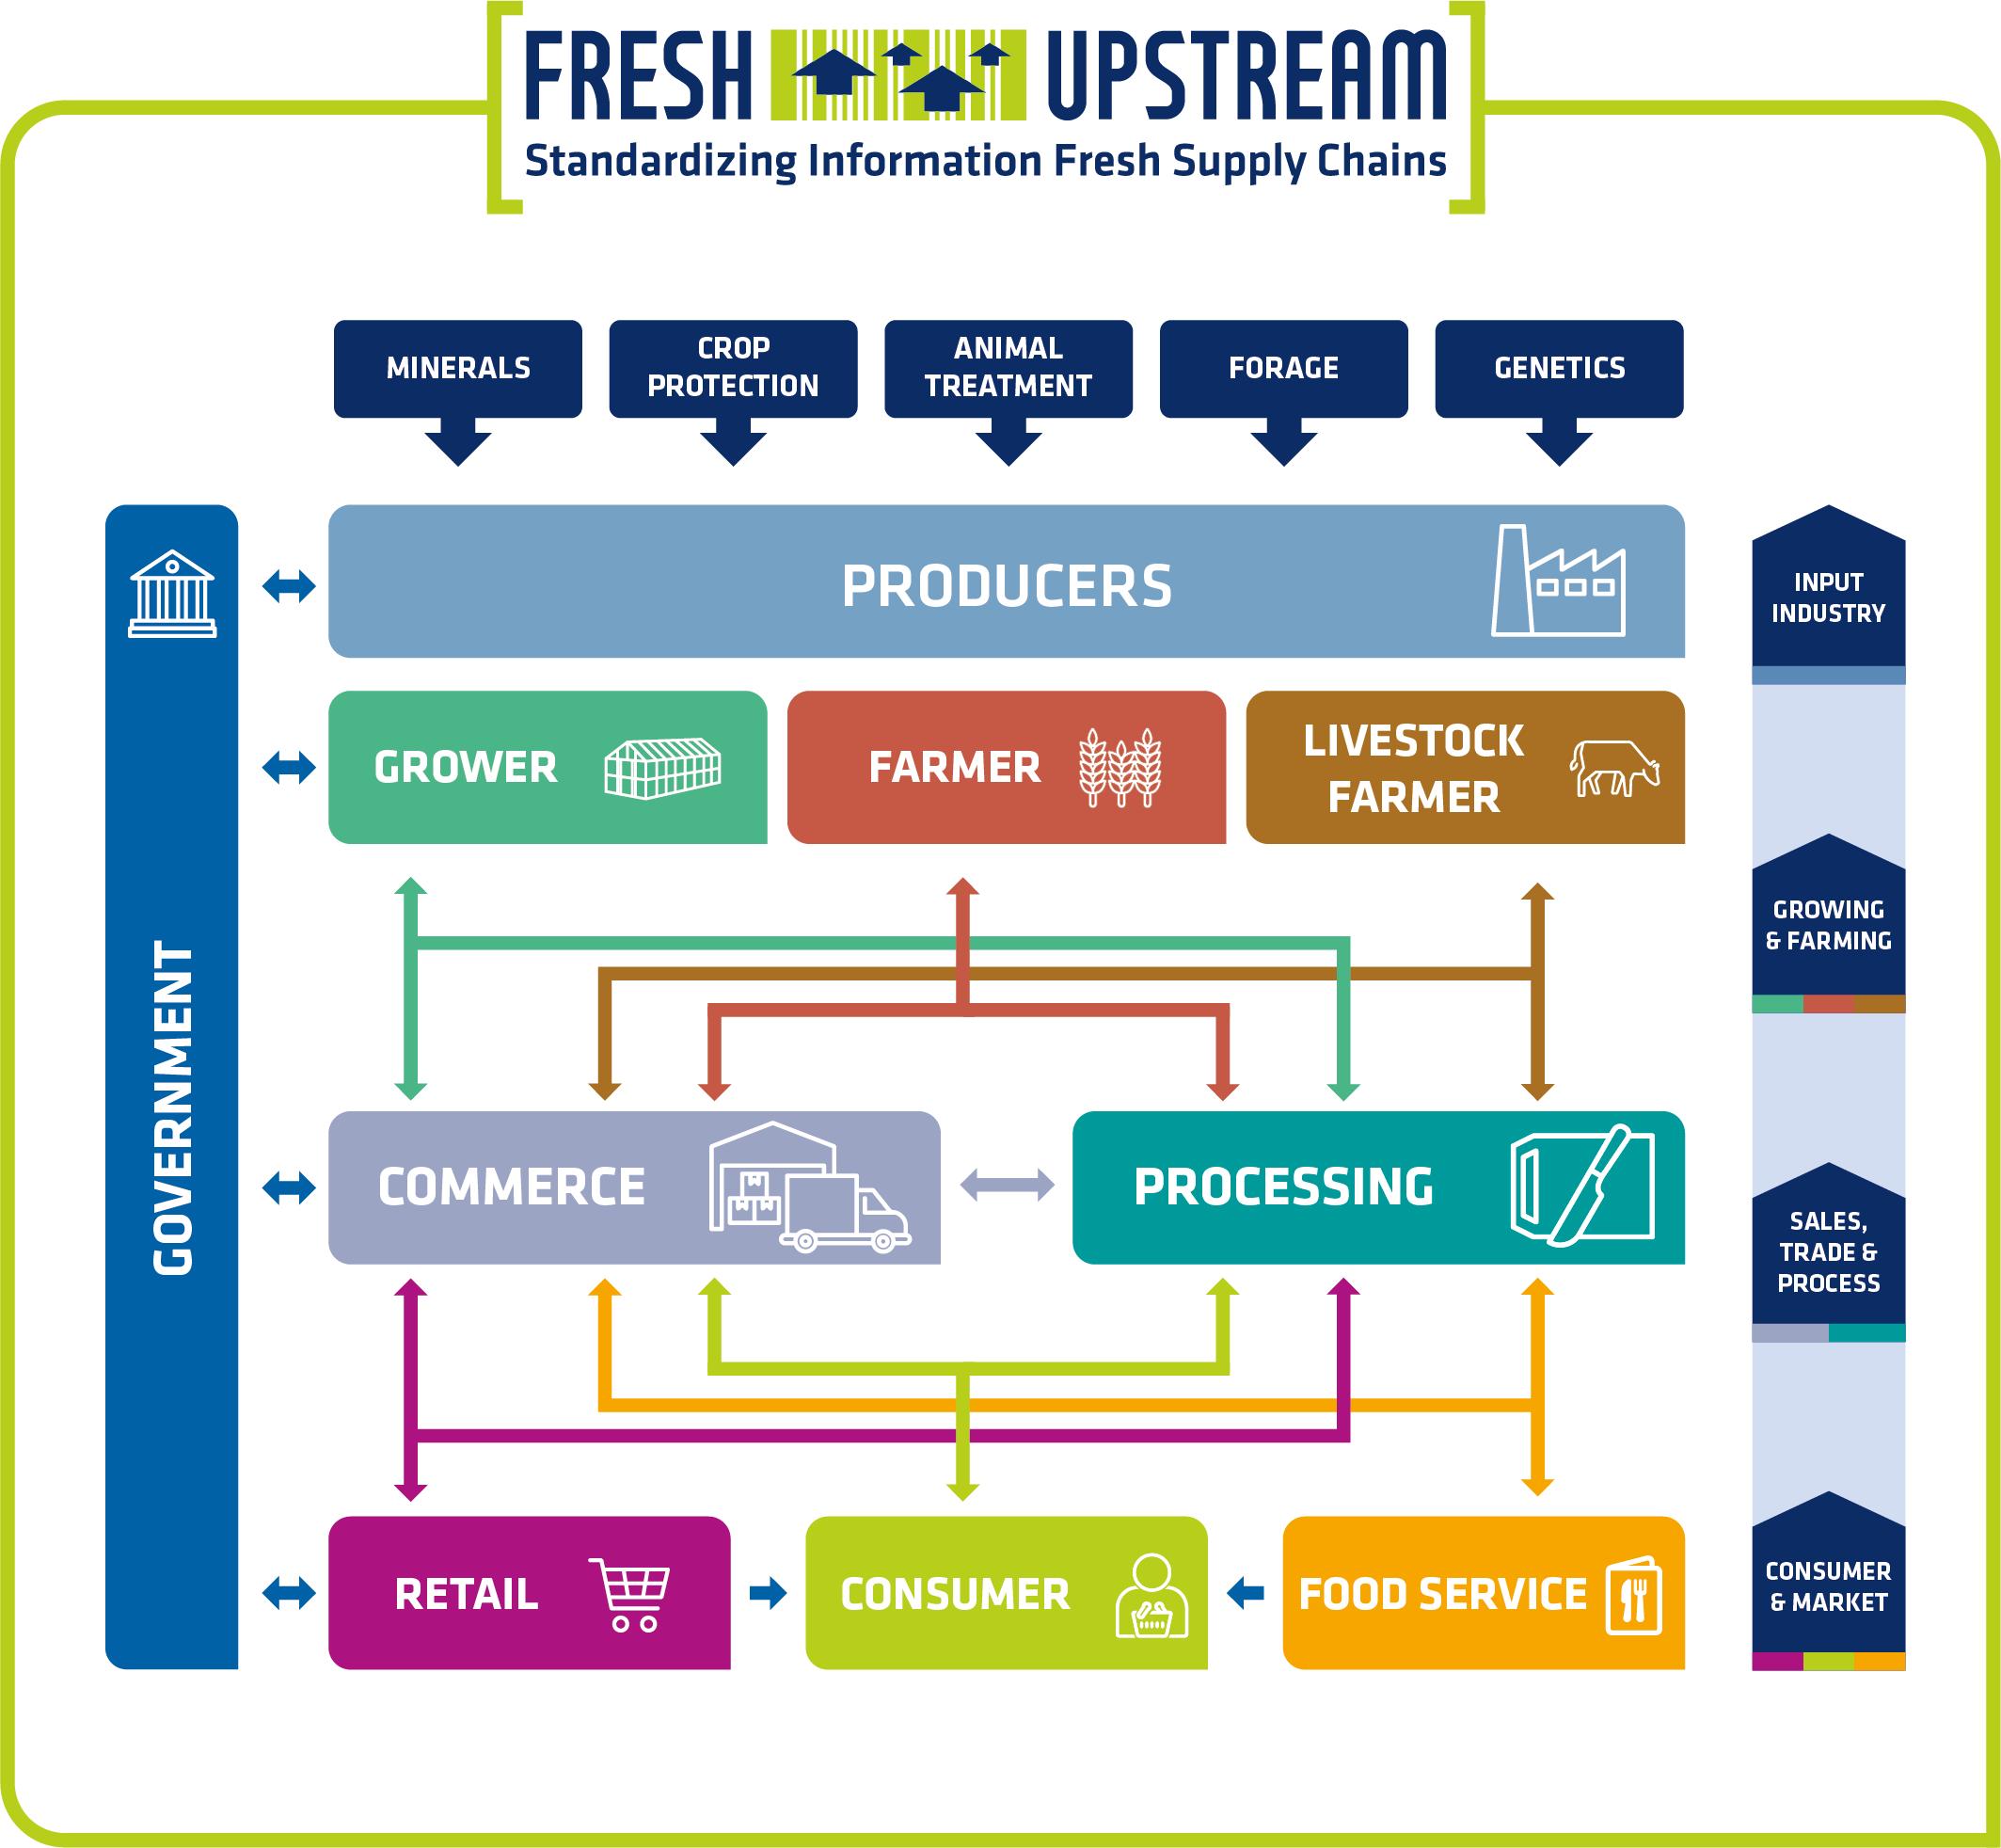 FreshUpstream-infographic-UK-2020